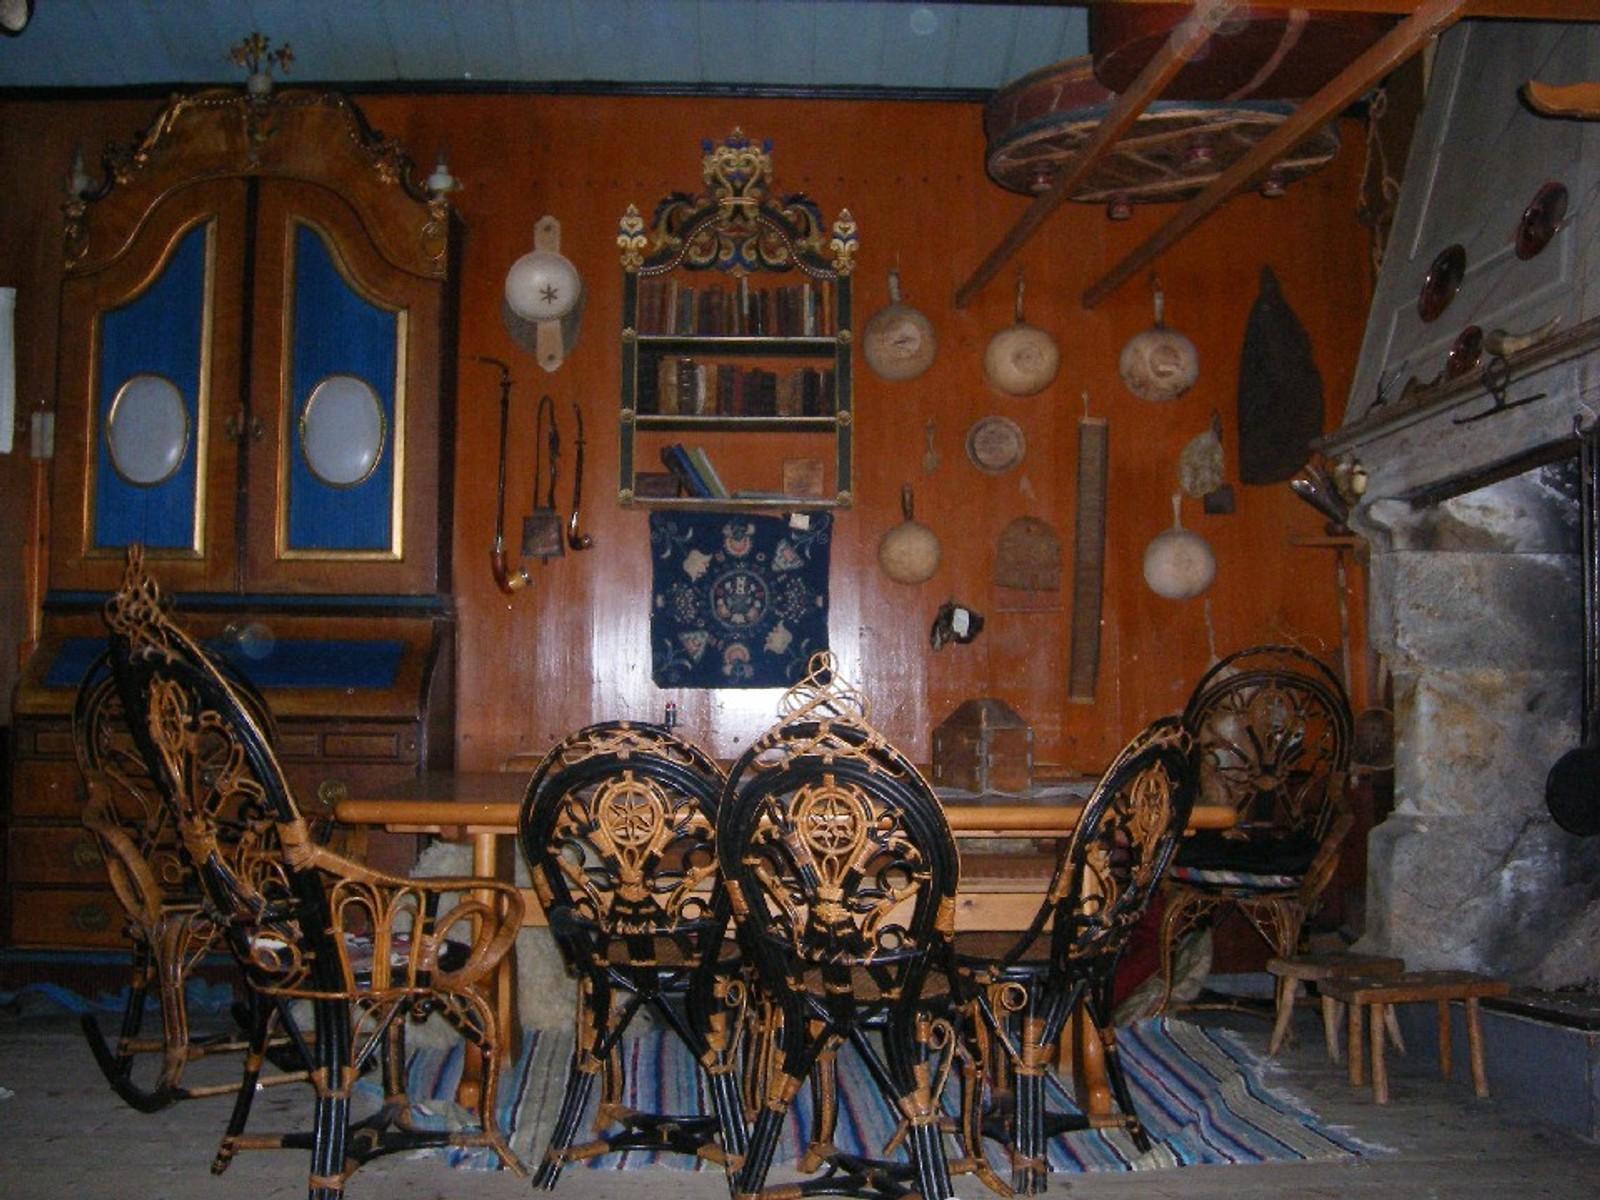 Disse stolene fikk Sæmings bestemor av sin far, som var kaptein på ferja mellom Kristiansand og Hirtshals. Peisen til høyre er i kleberstein.